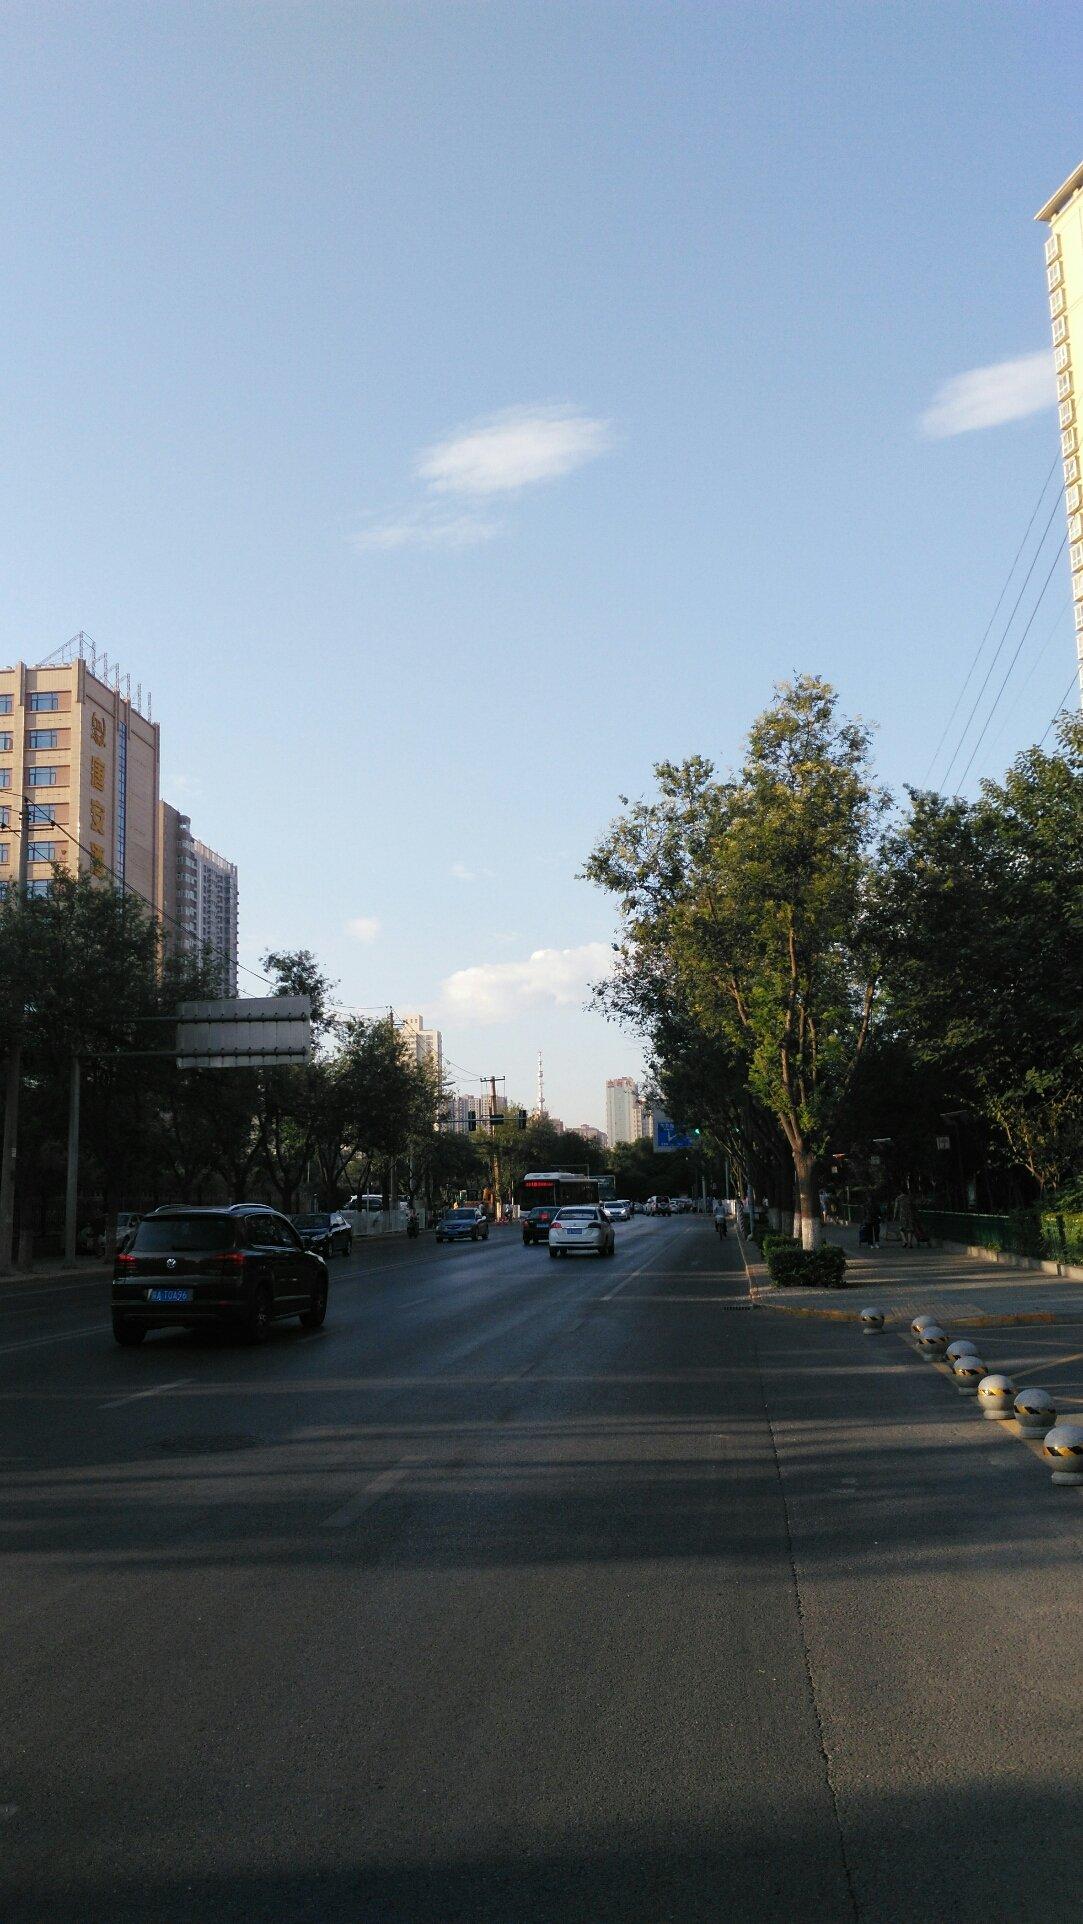 陕西省西安市未央区未央宫物理纬三十一街天气预报街道高中找怎么图片